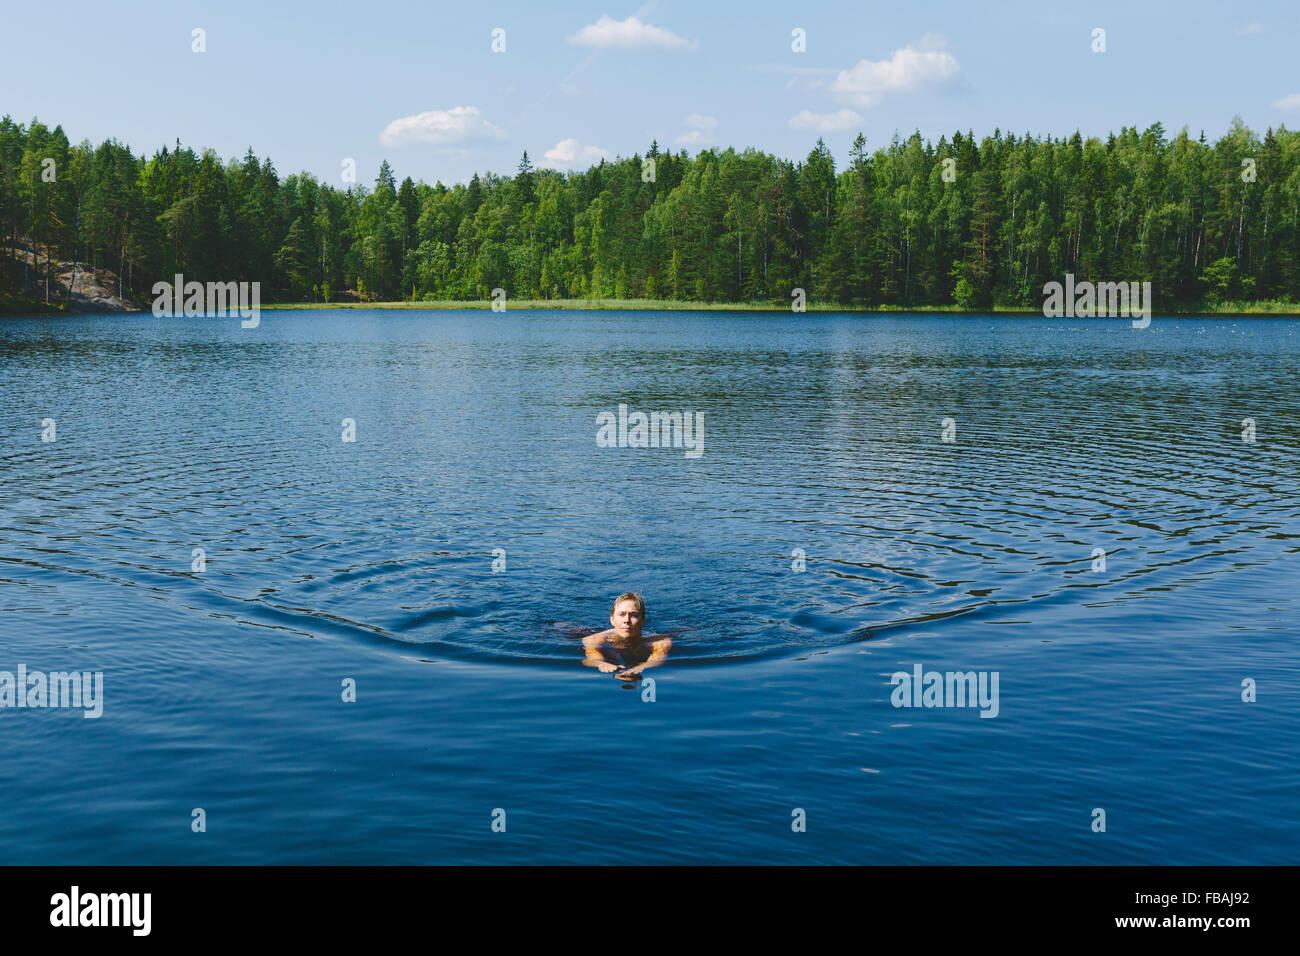 Finlandia, Uusimaa, Espoo, Lago Kvarntrask, joven nadar en el lago Imagen De Stock